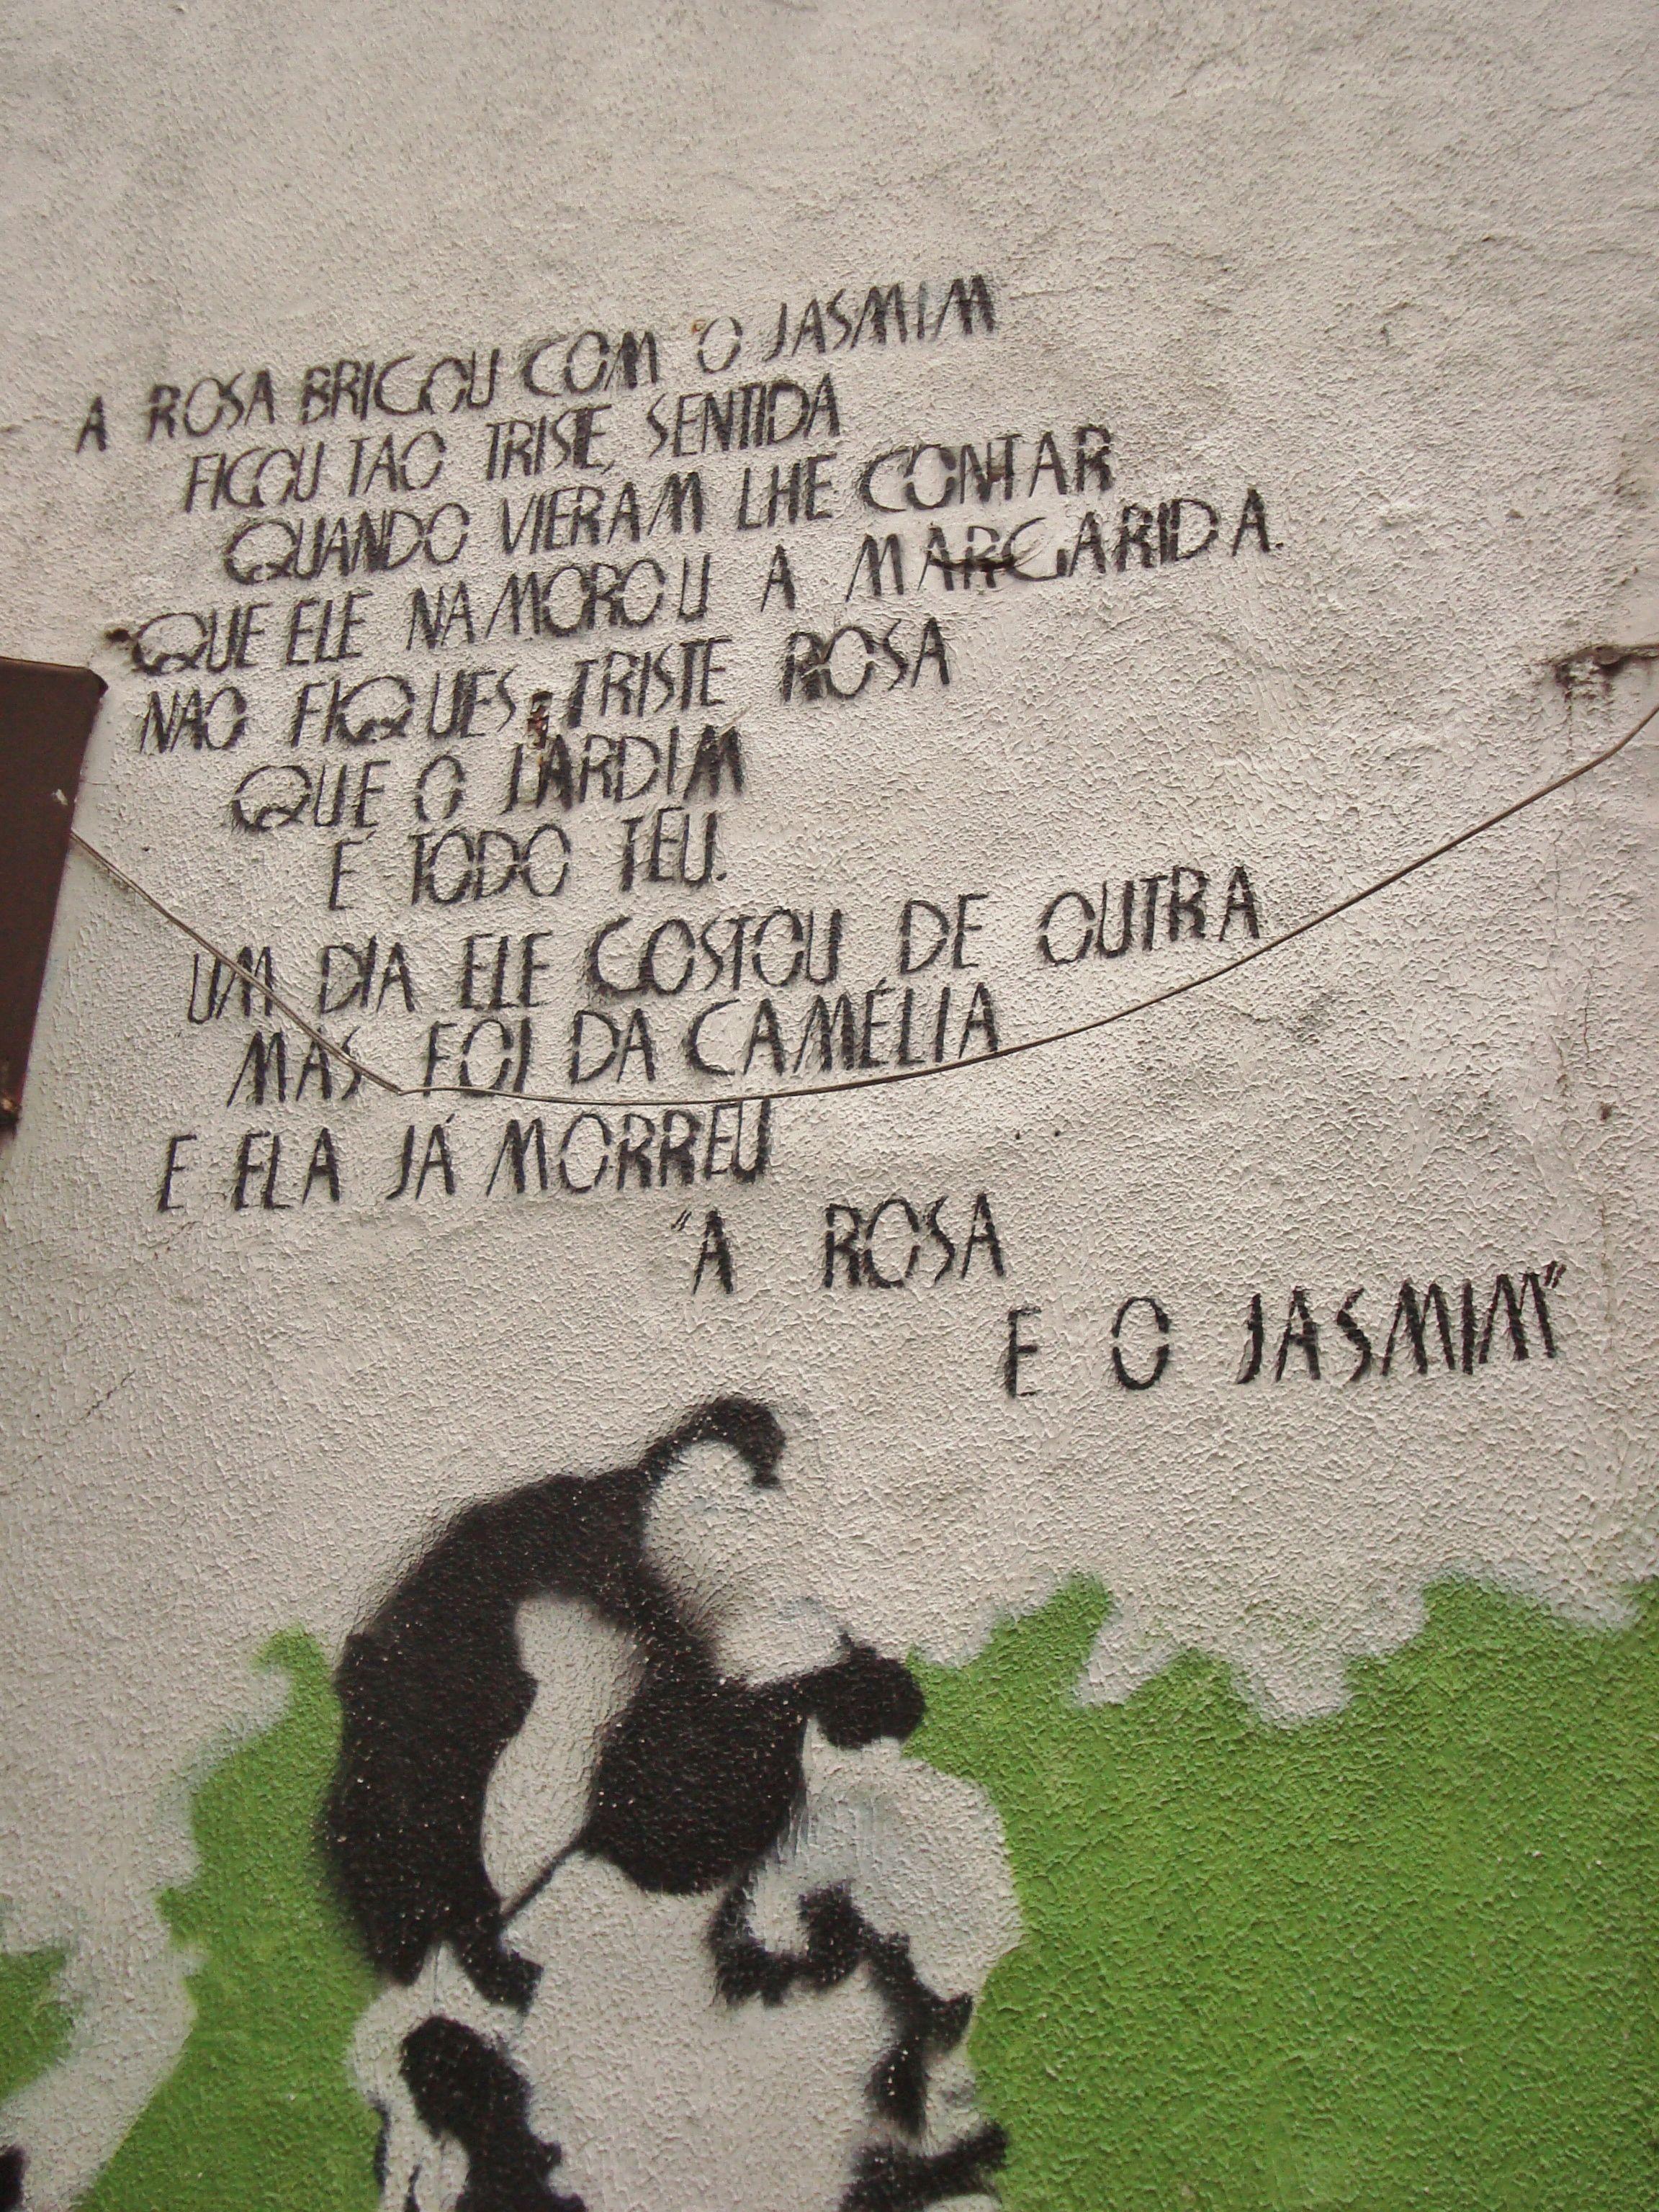 nas paredes  de Floripa, as mensagens da ilha da magia .by giandra